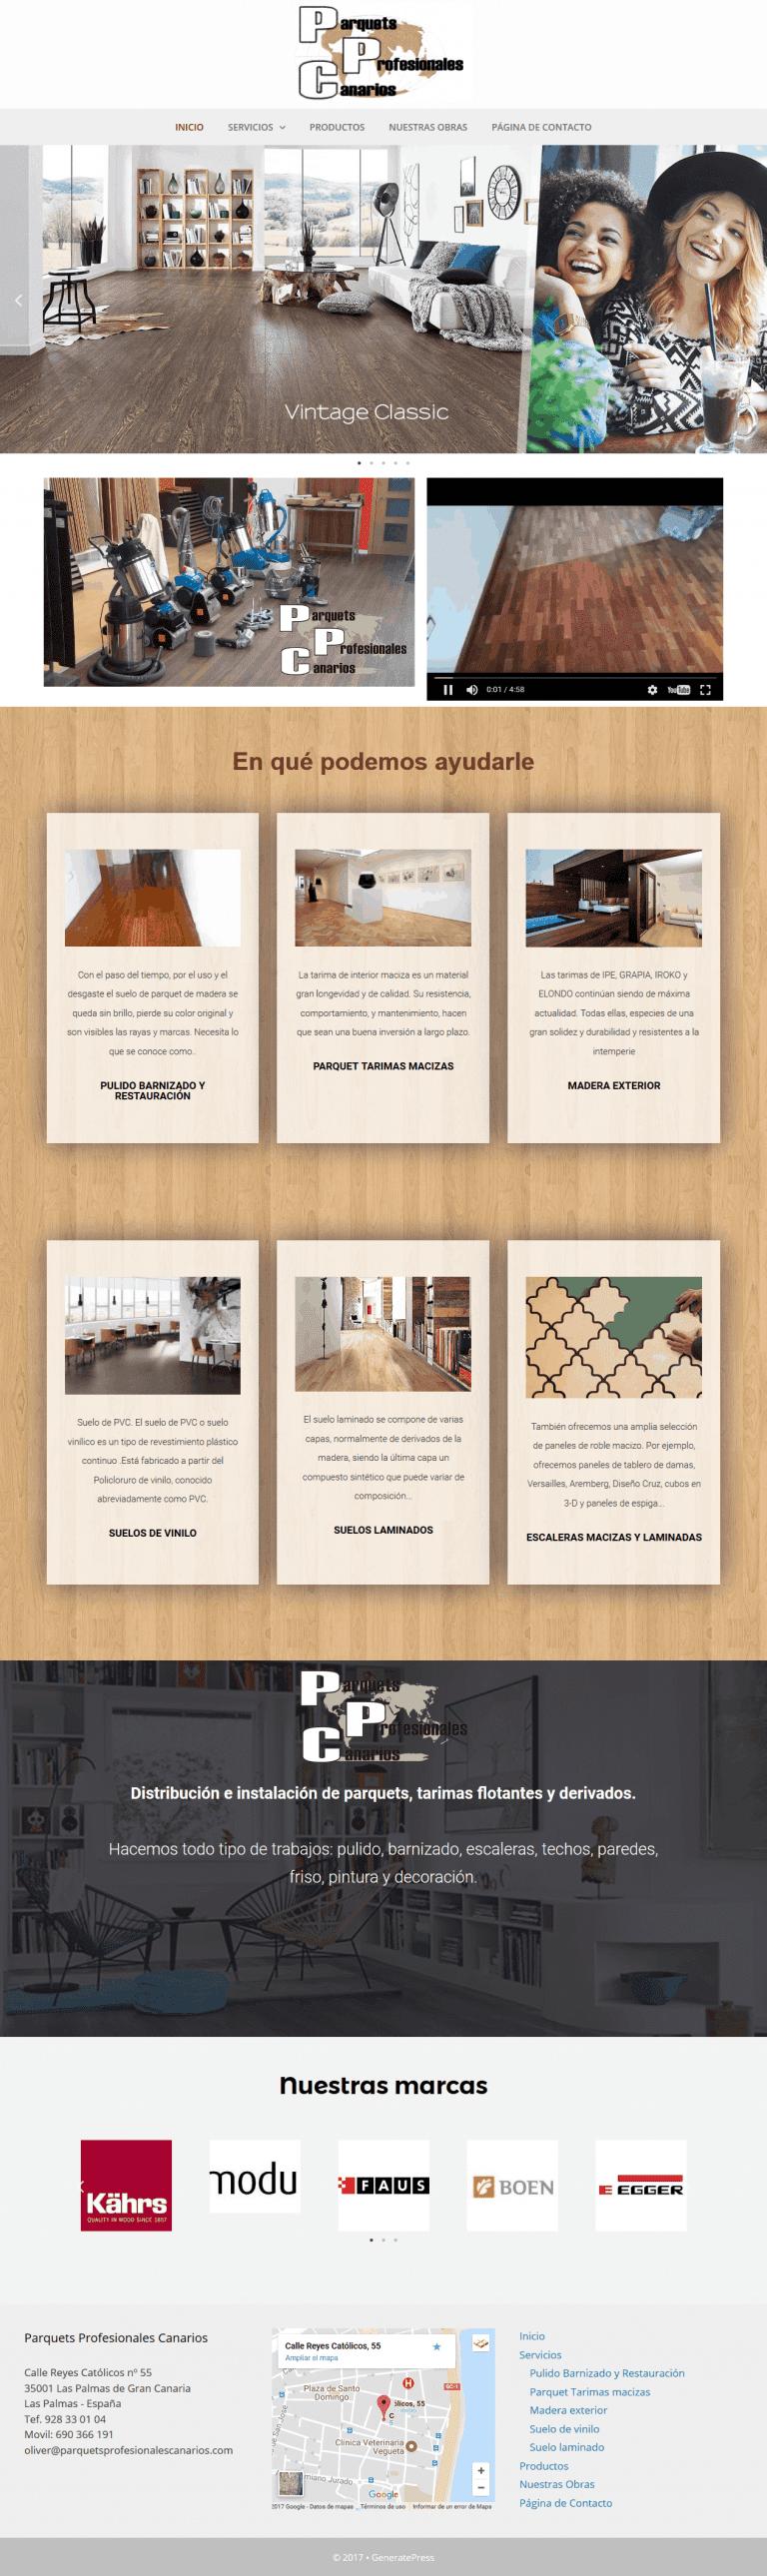 diseño web corporativo para empresa de parket en Las Palmas de Gran Canaria